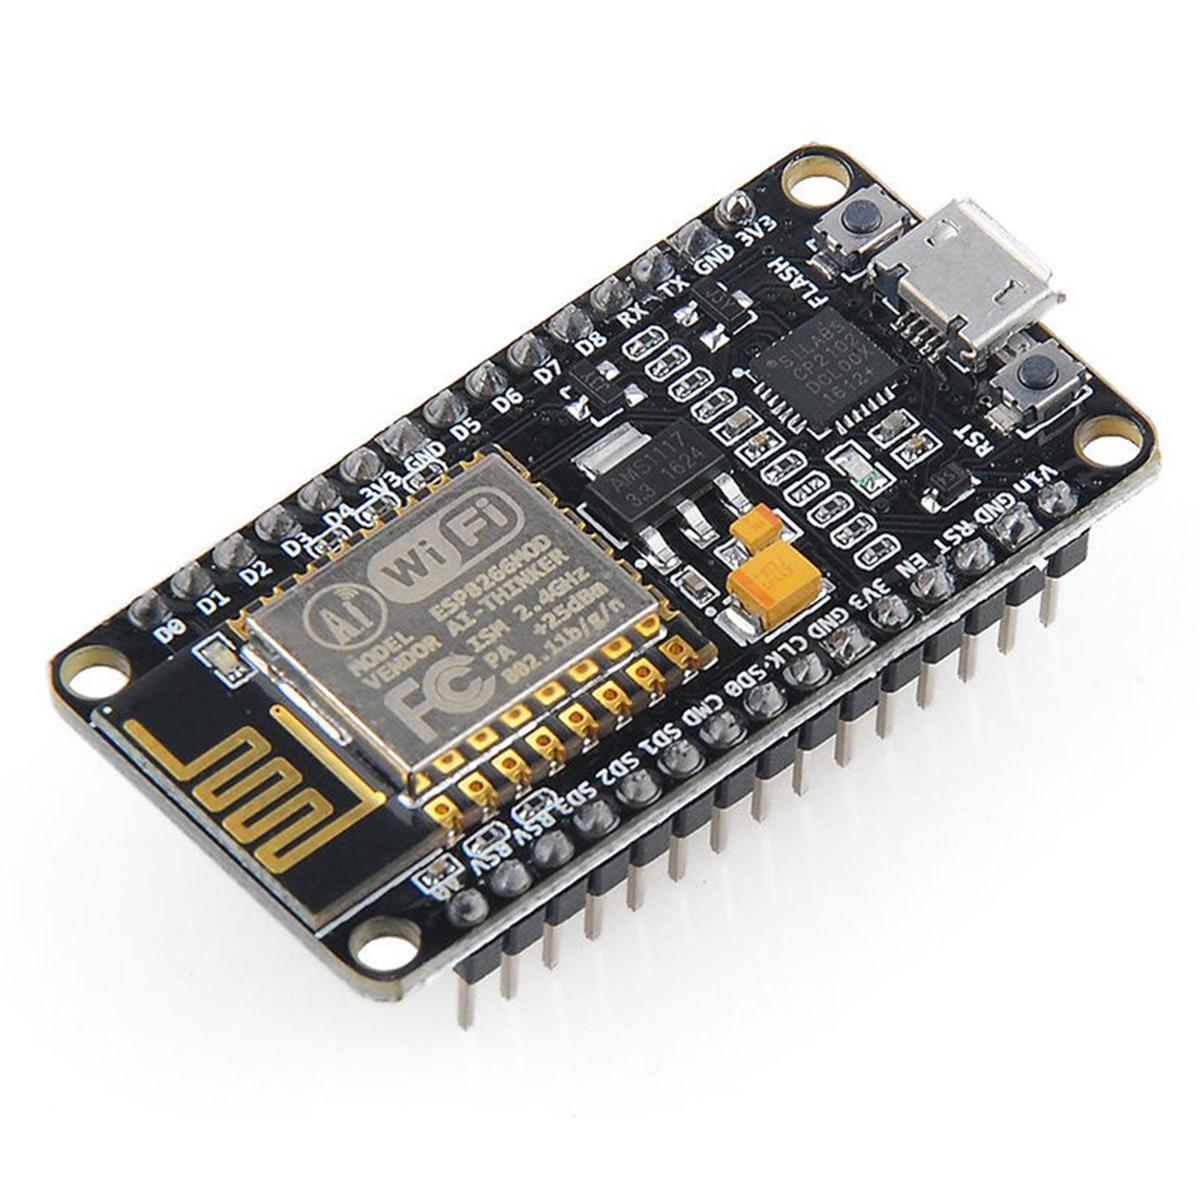 NodeMcu-Lua-WIFI-Internet-development-board-based-on-ESP8266-CP2102.jpg